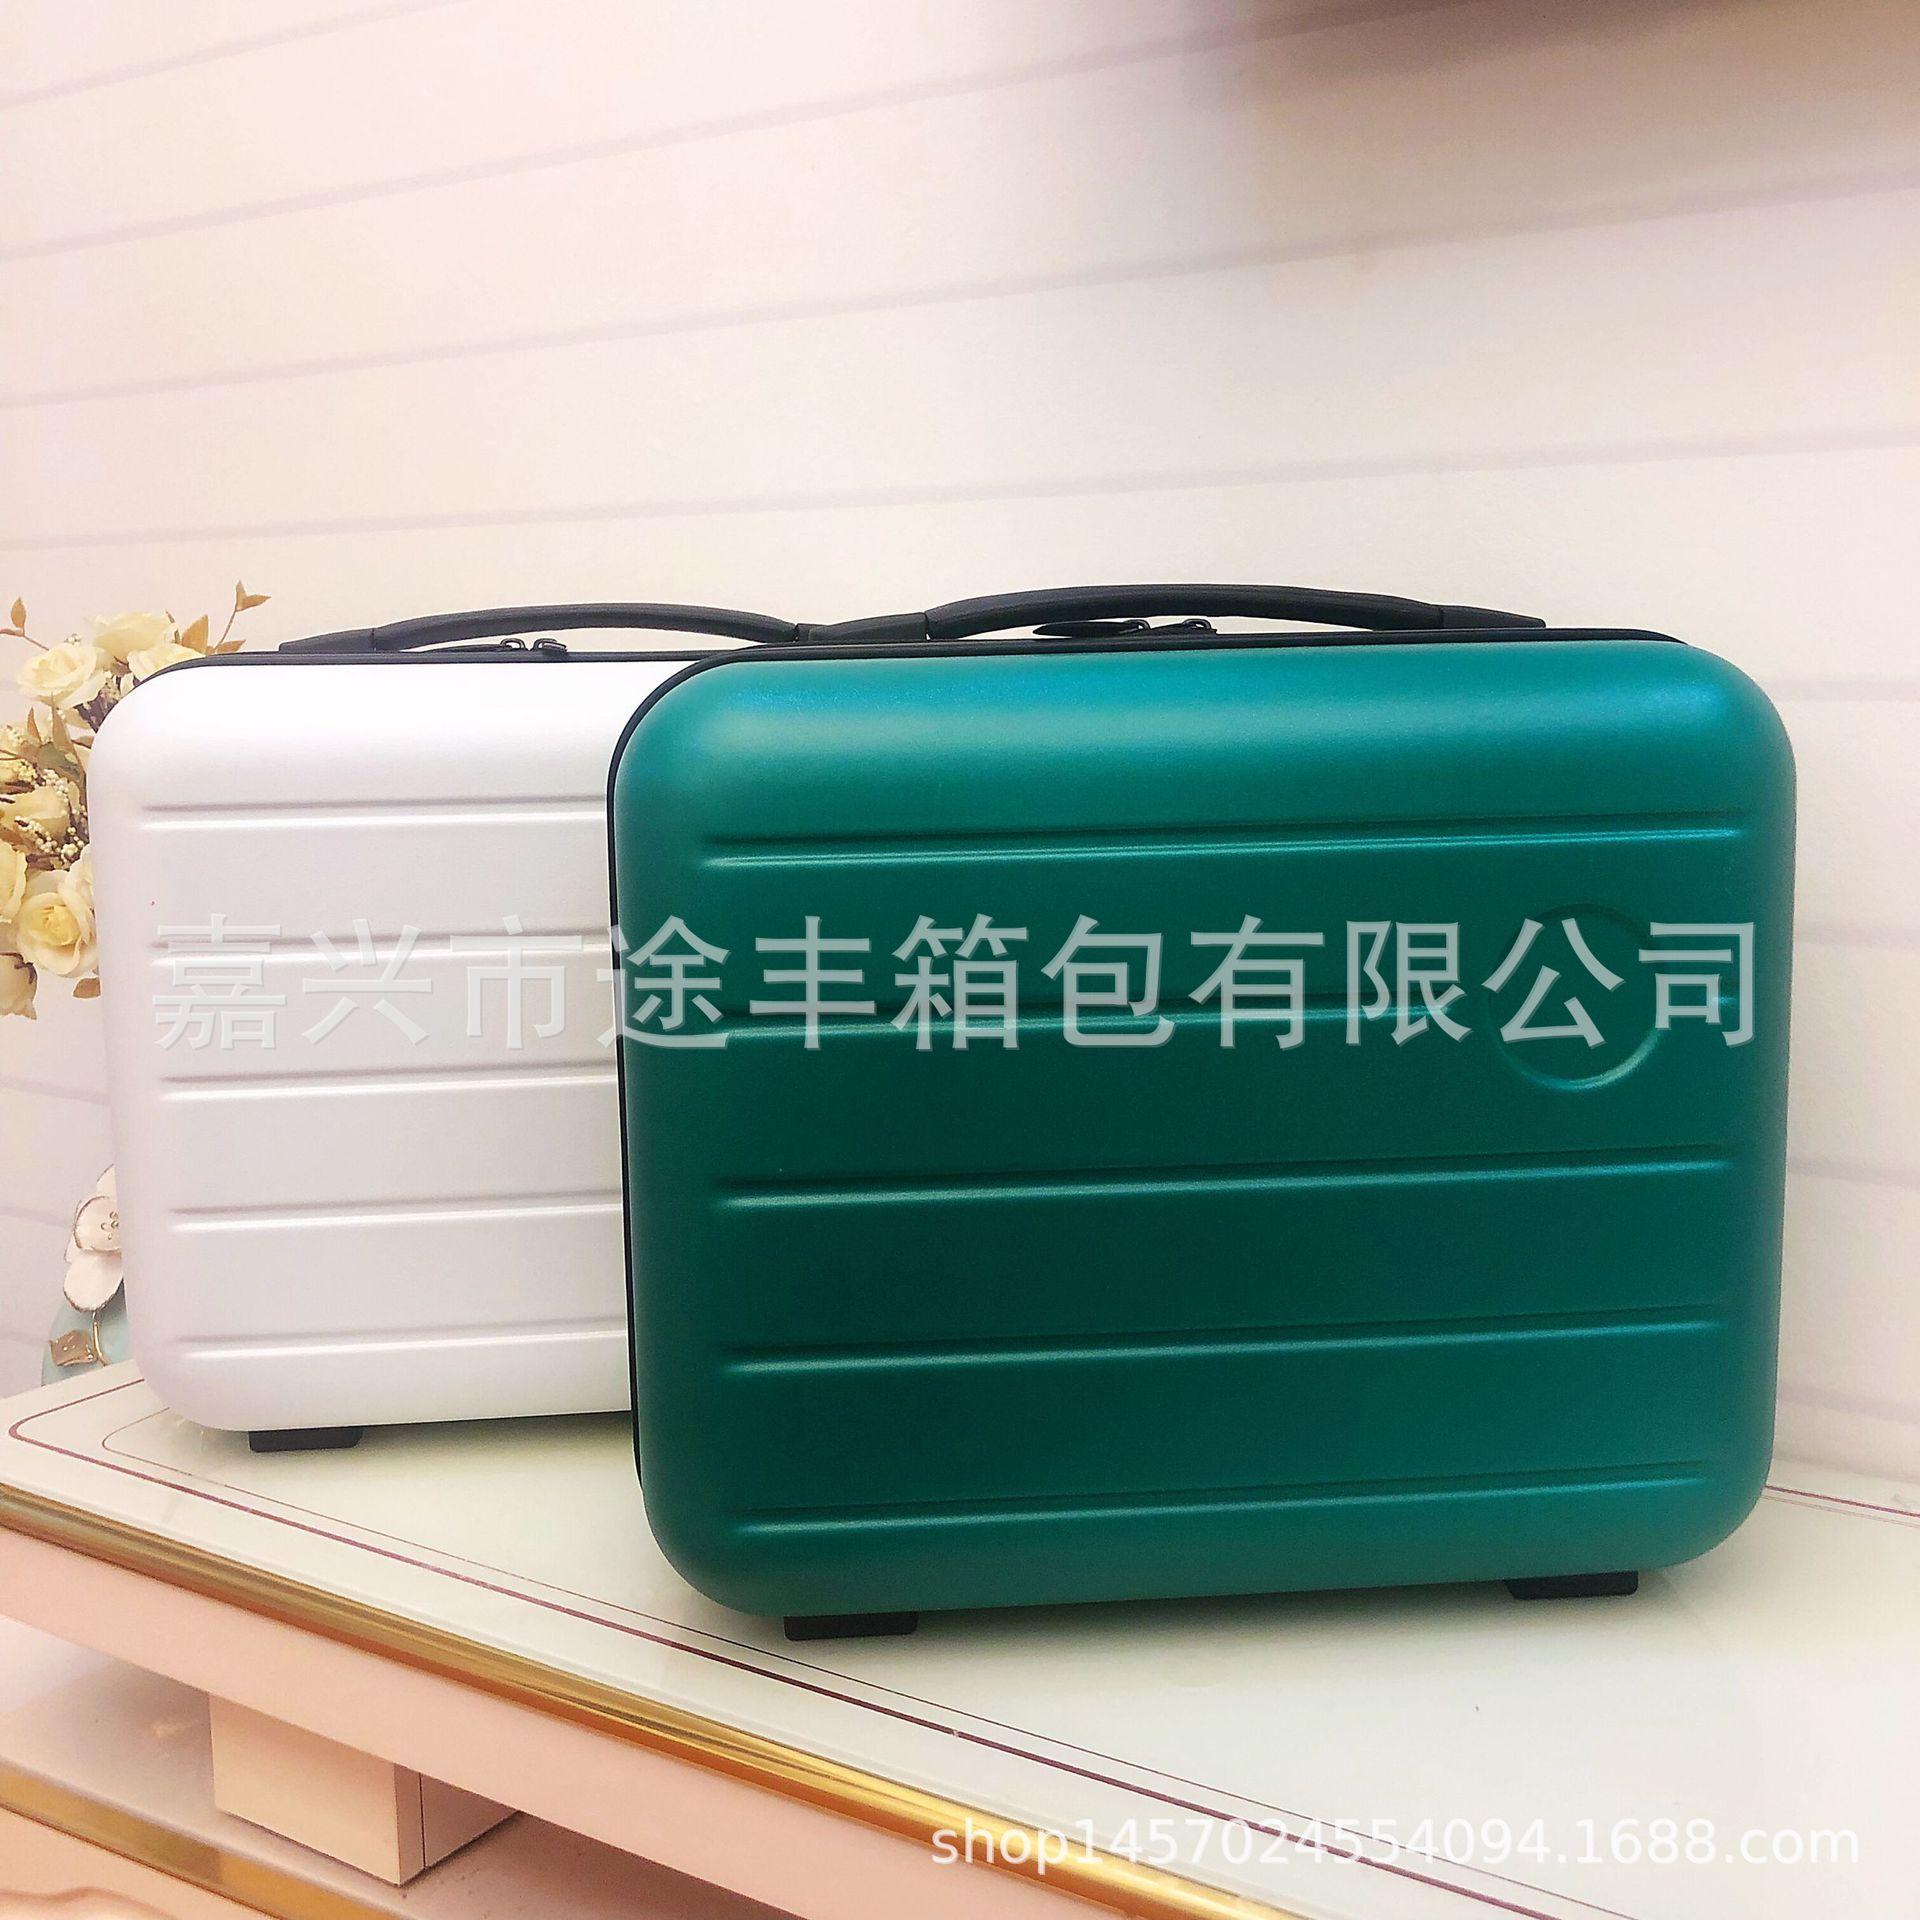 韩版现货手提化妆箱 旅行 野餐收纳行李包 14寸小箱子 LOGO定制